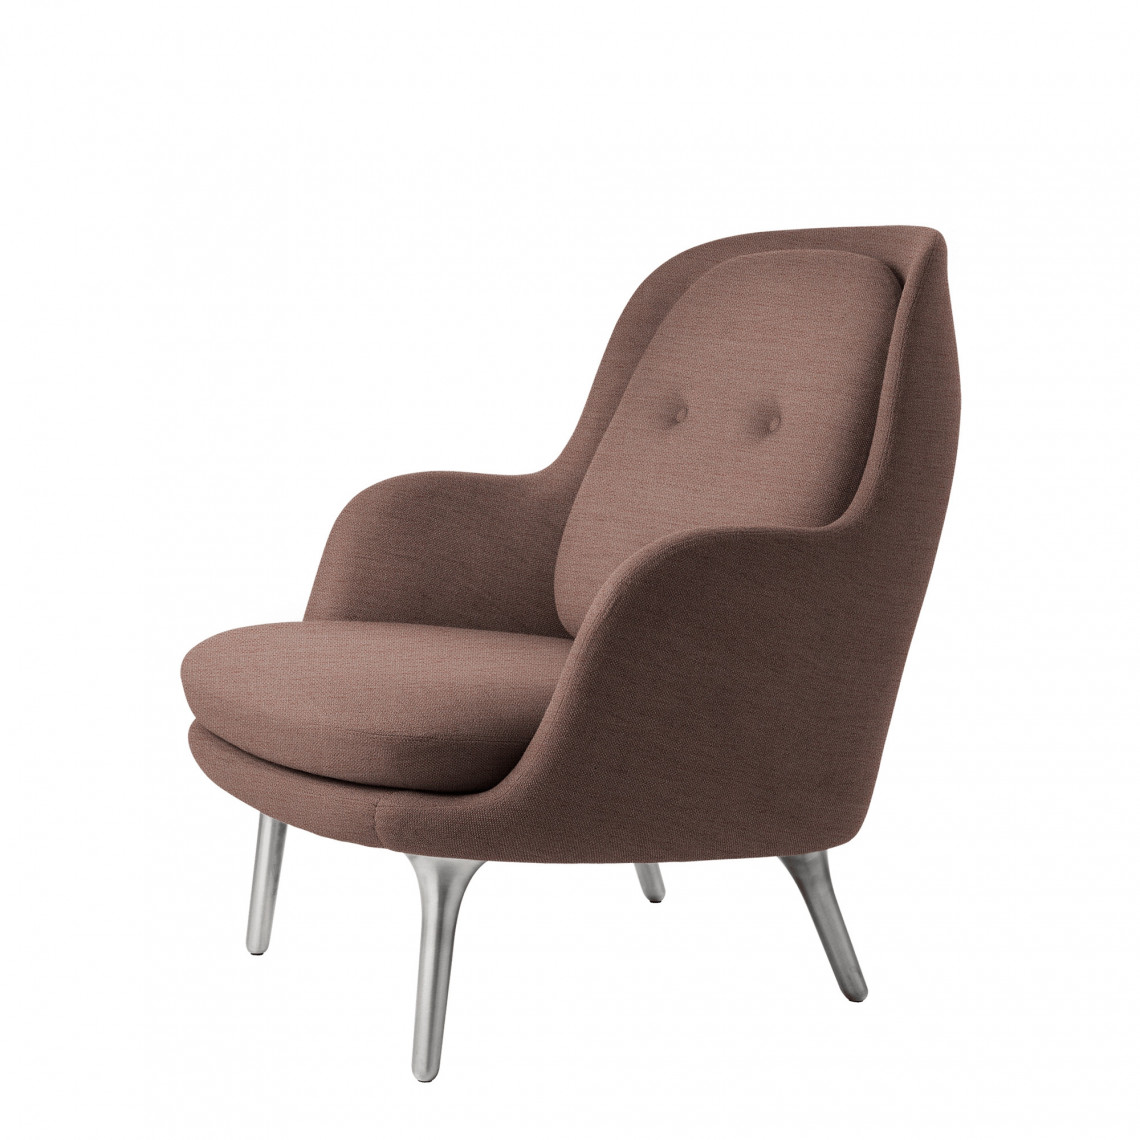 Lounge fåtölj FRI™ - Klädd i tyg Christianshavn med kromben